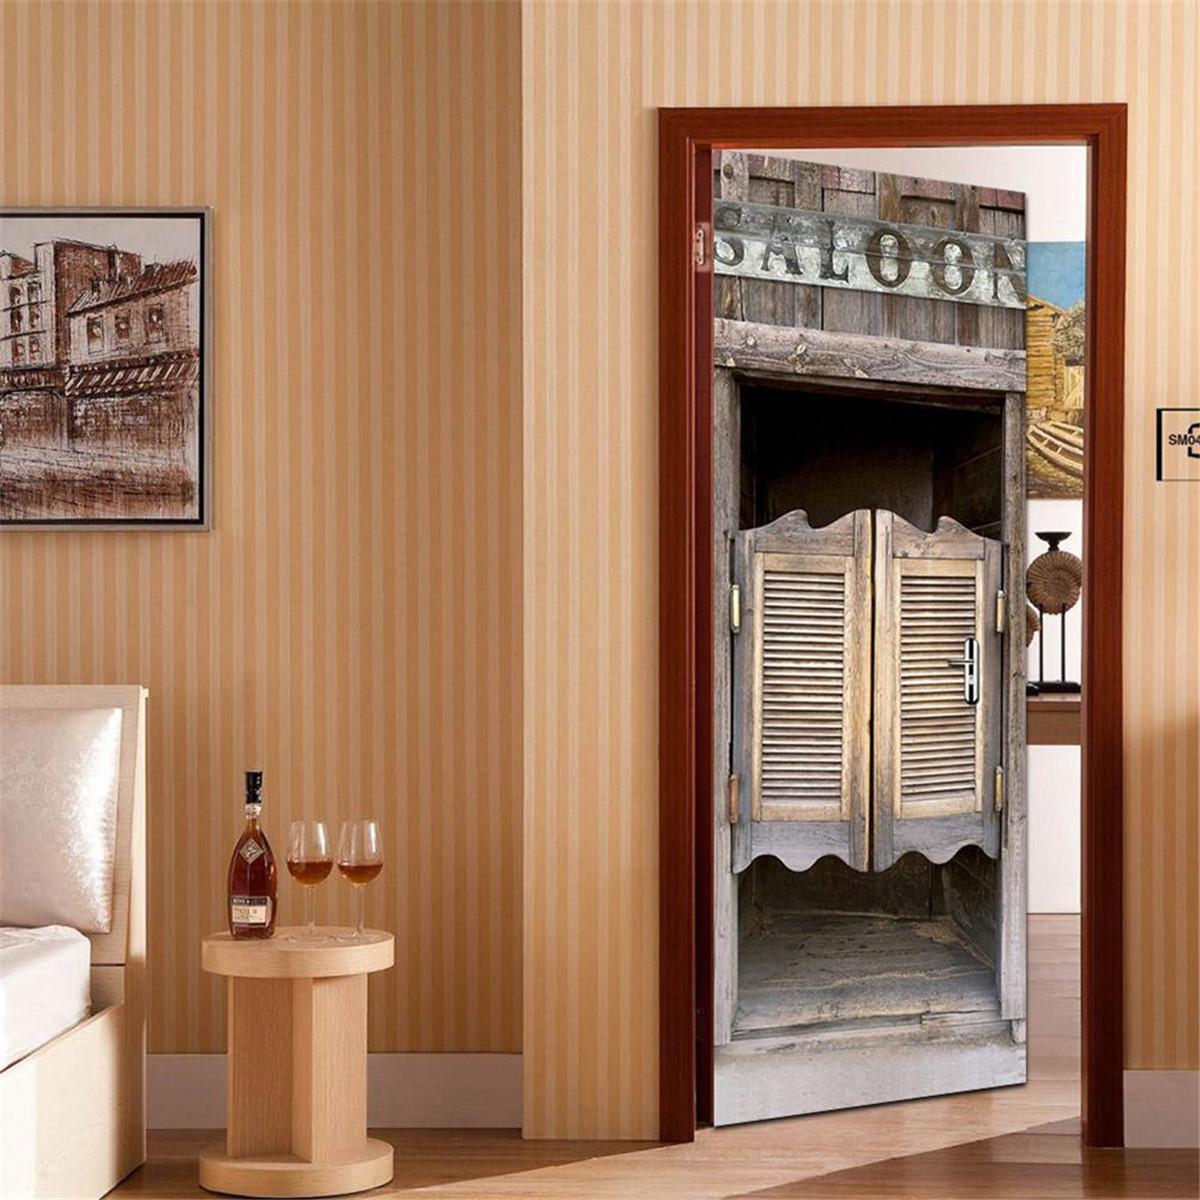 Таверна Деревянные дверные самоклеящиеся наклейки с наклейками 3D стикер стены